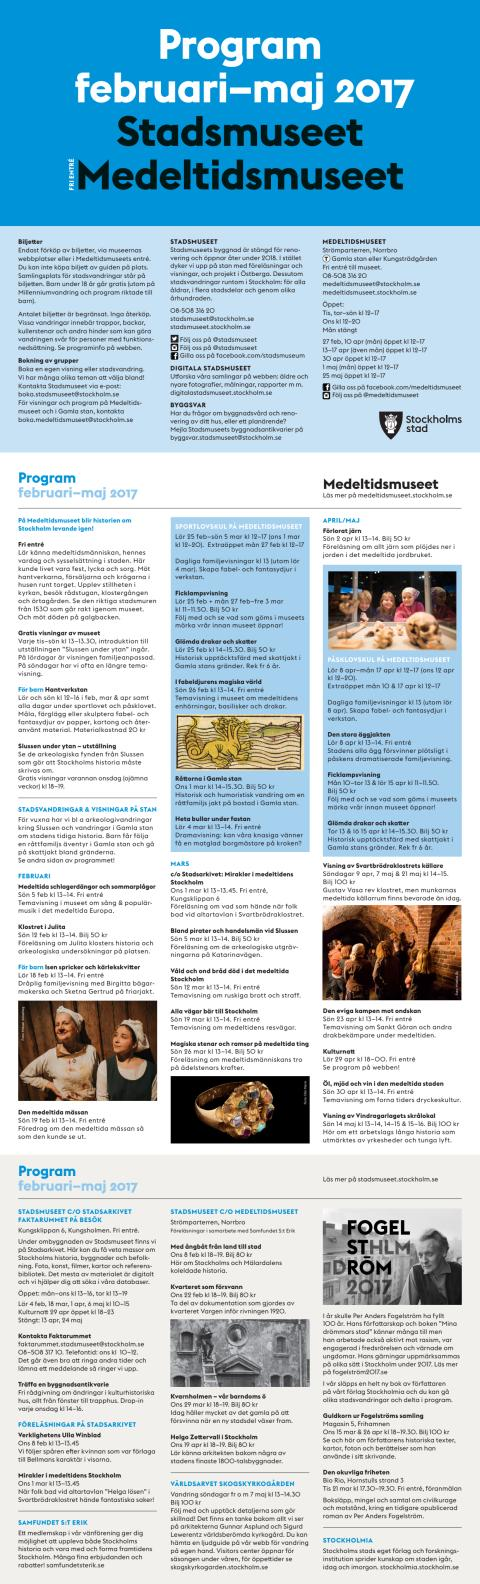 Vårens program 2017 för Stadsmuseet och Medeltidsmuseet